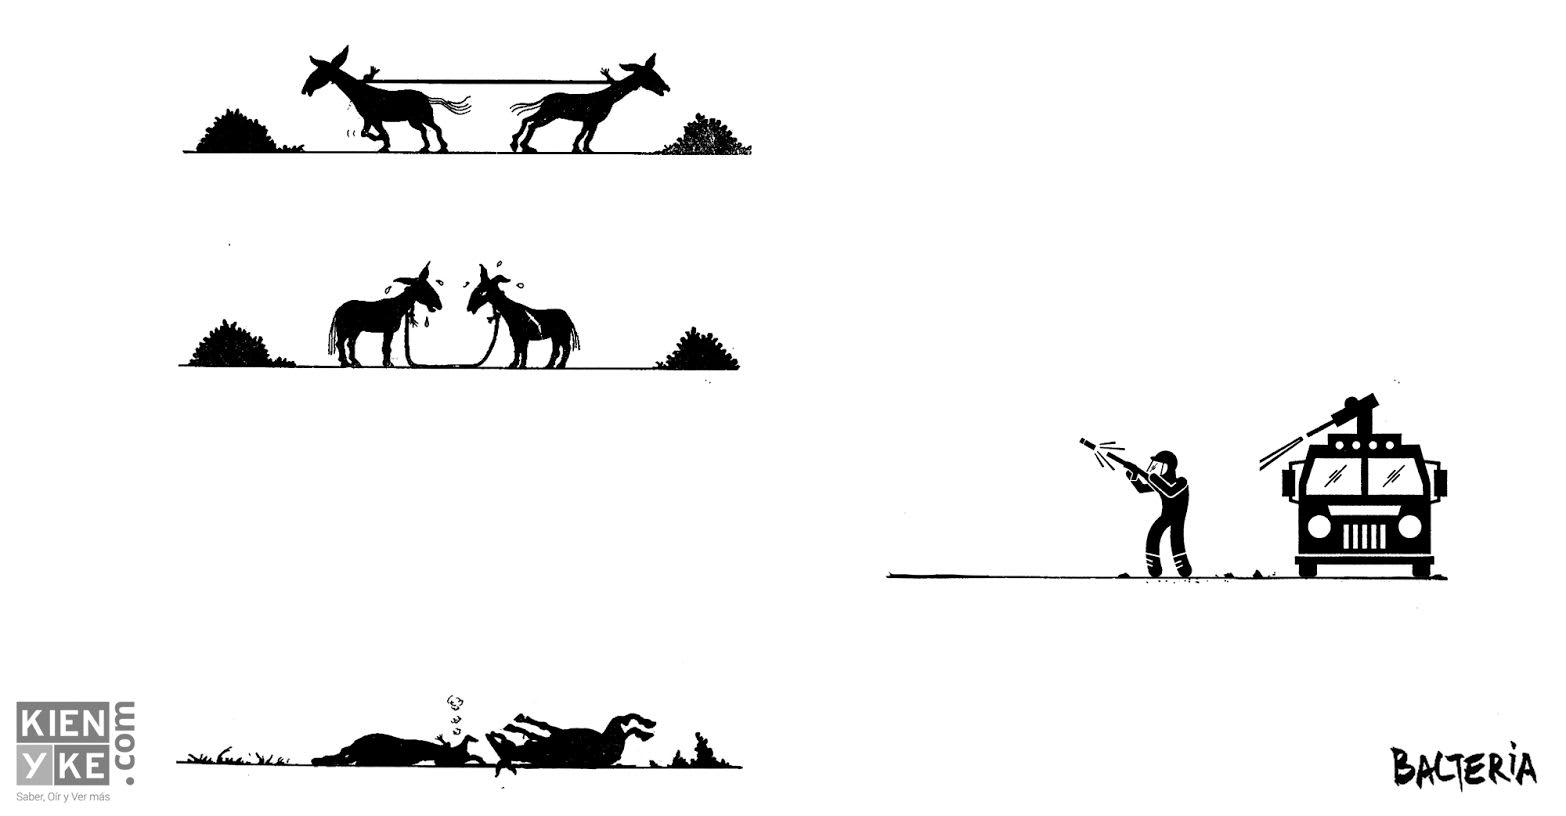 Paro de mulas